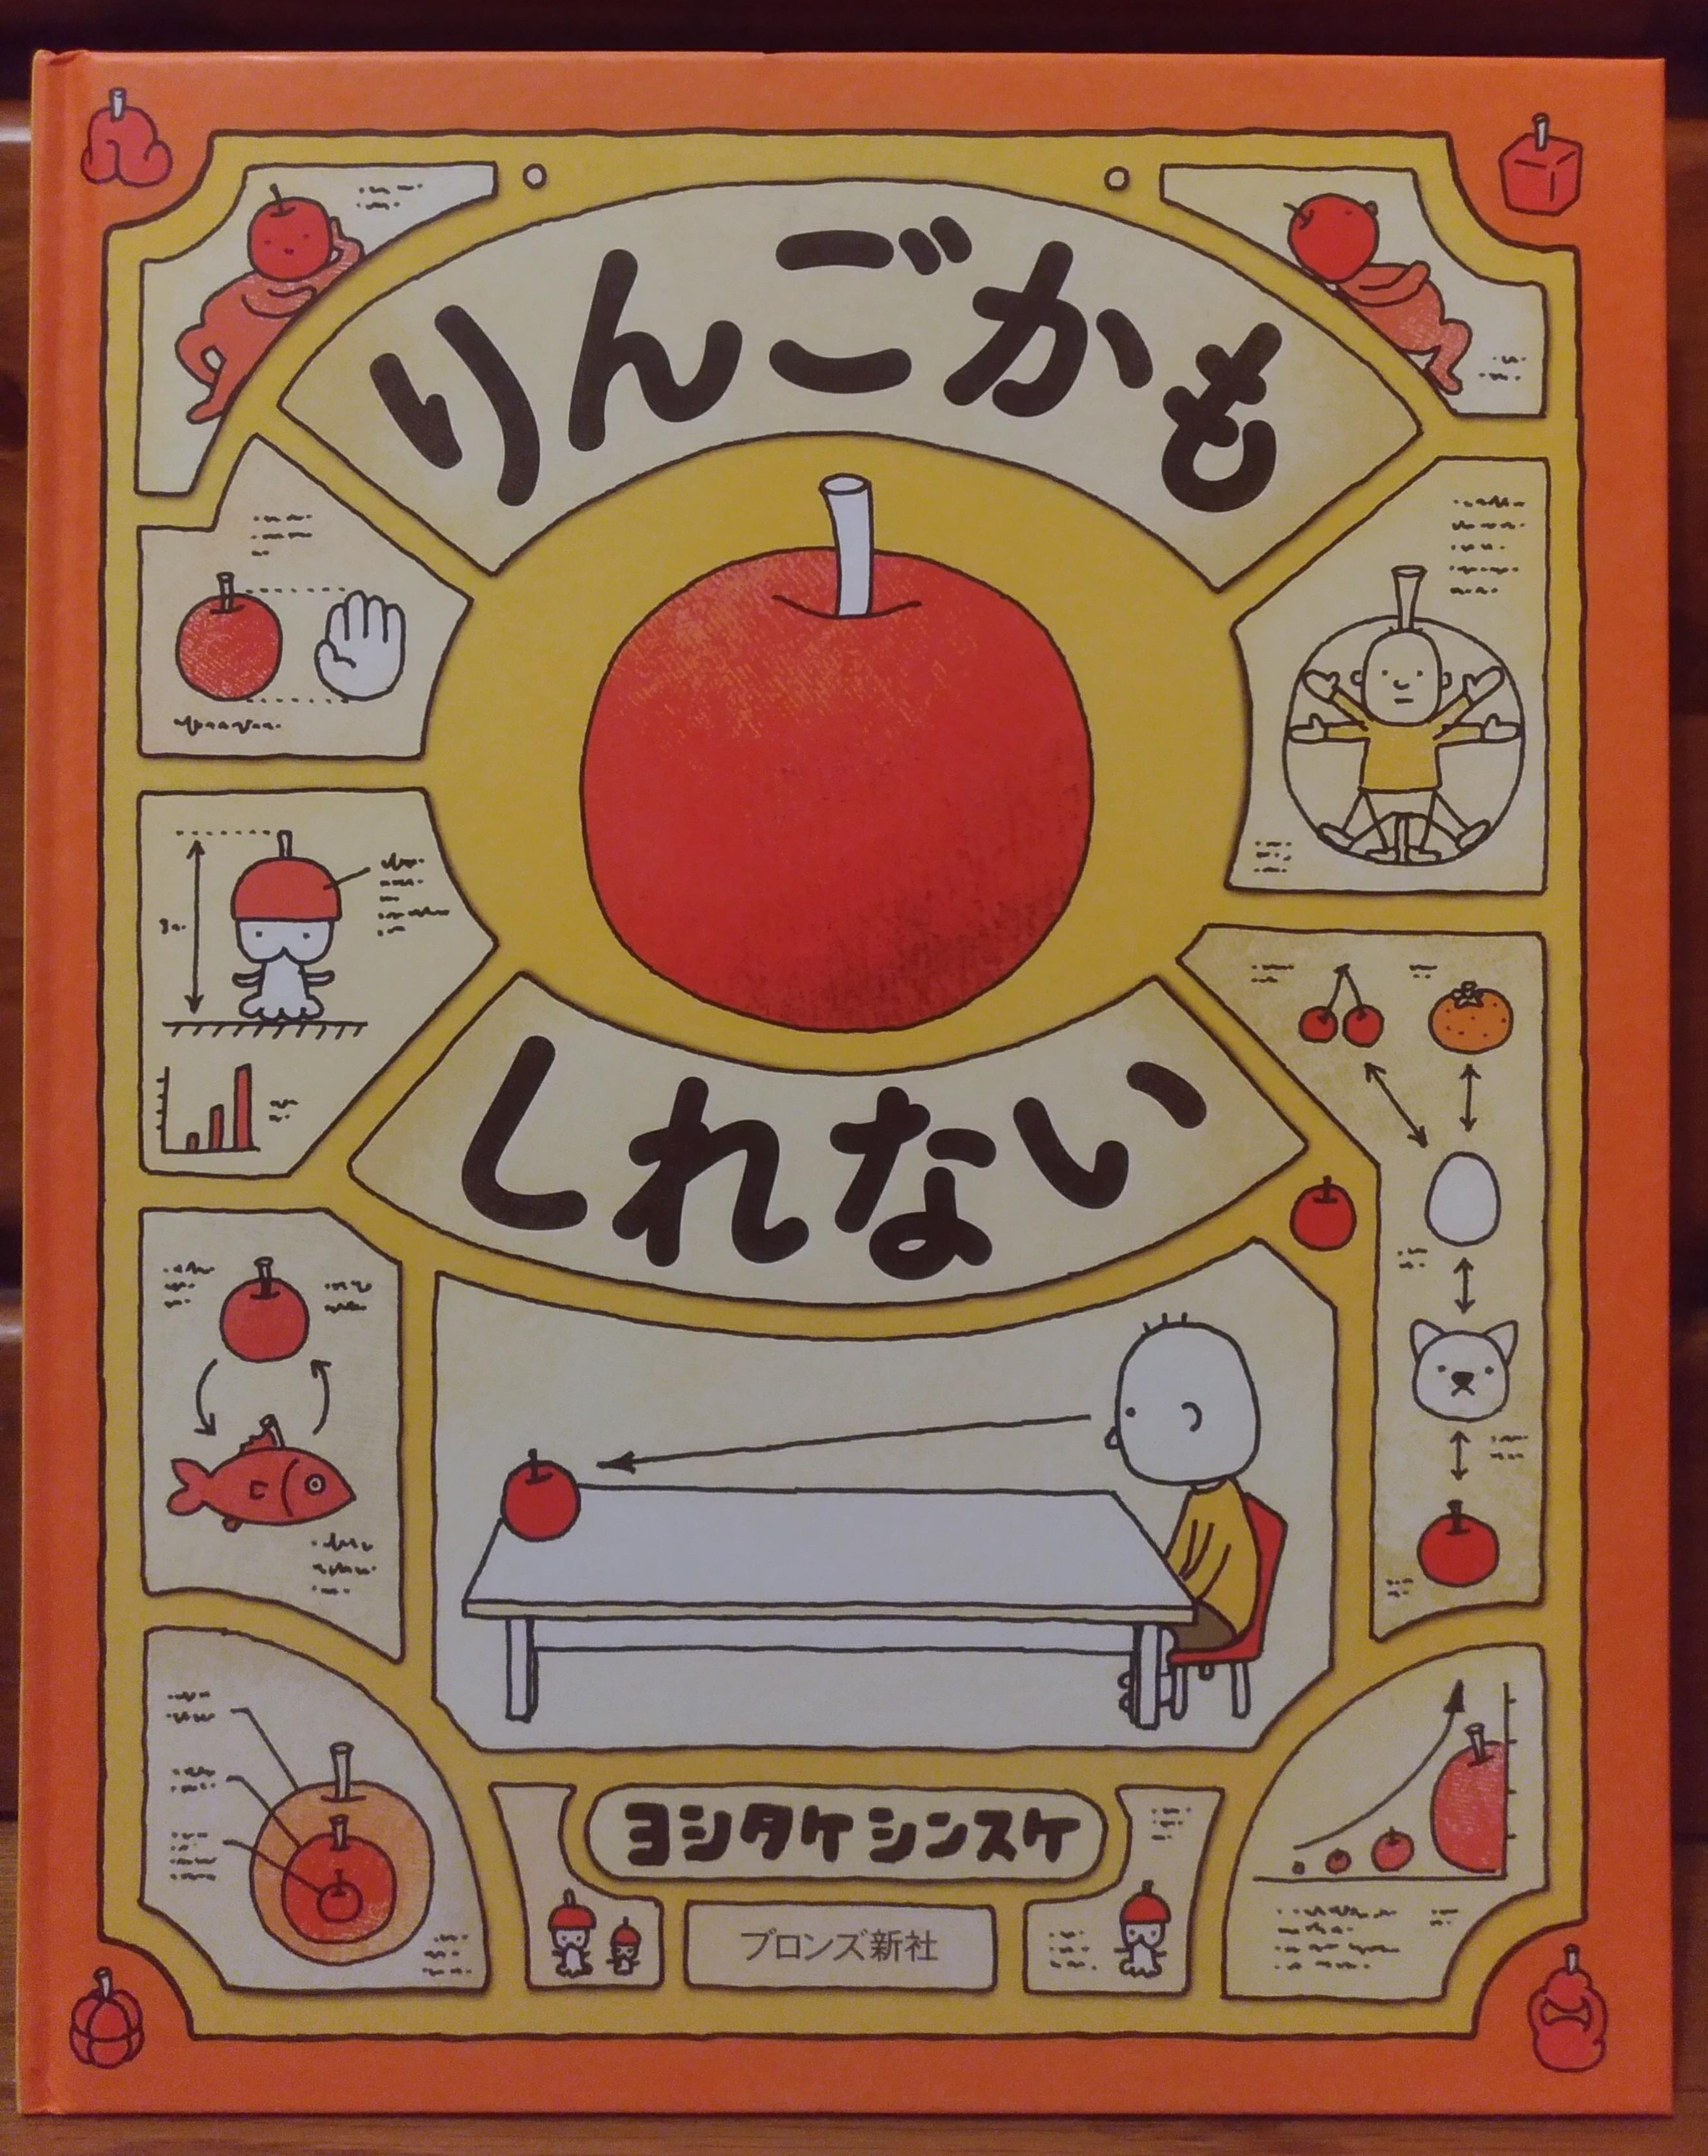 絵本「りんごかもしれない」には理科を学ぶ意味が込められている